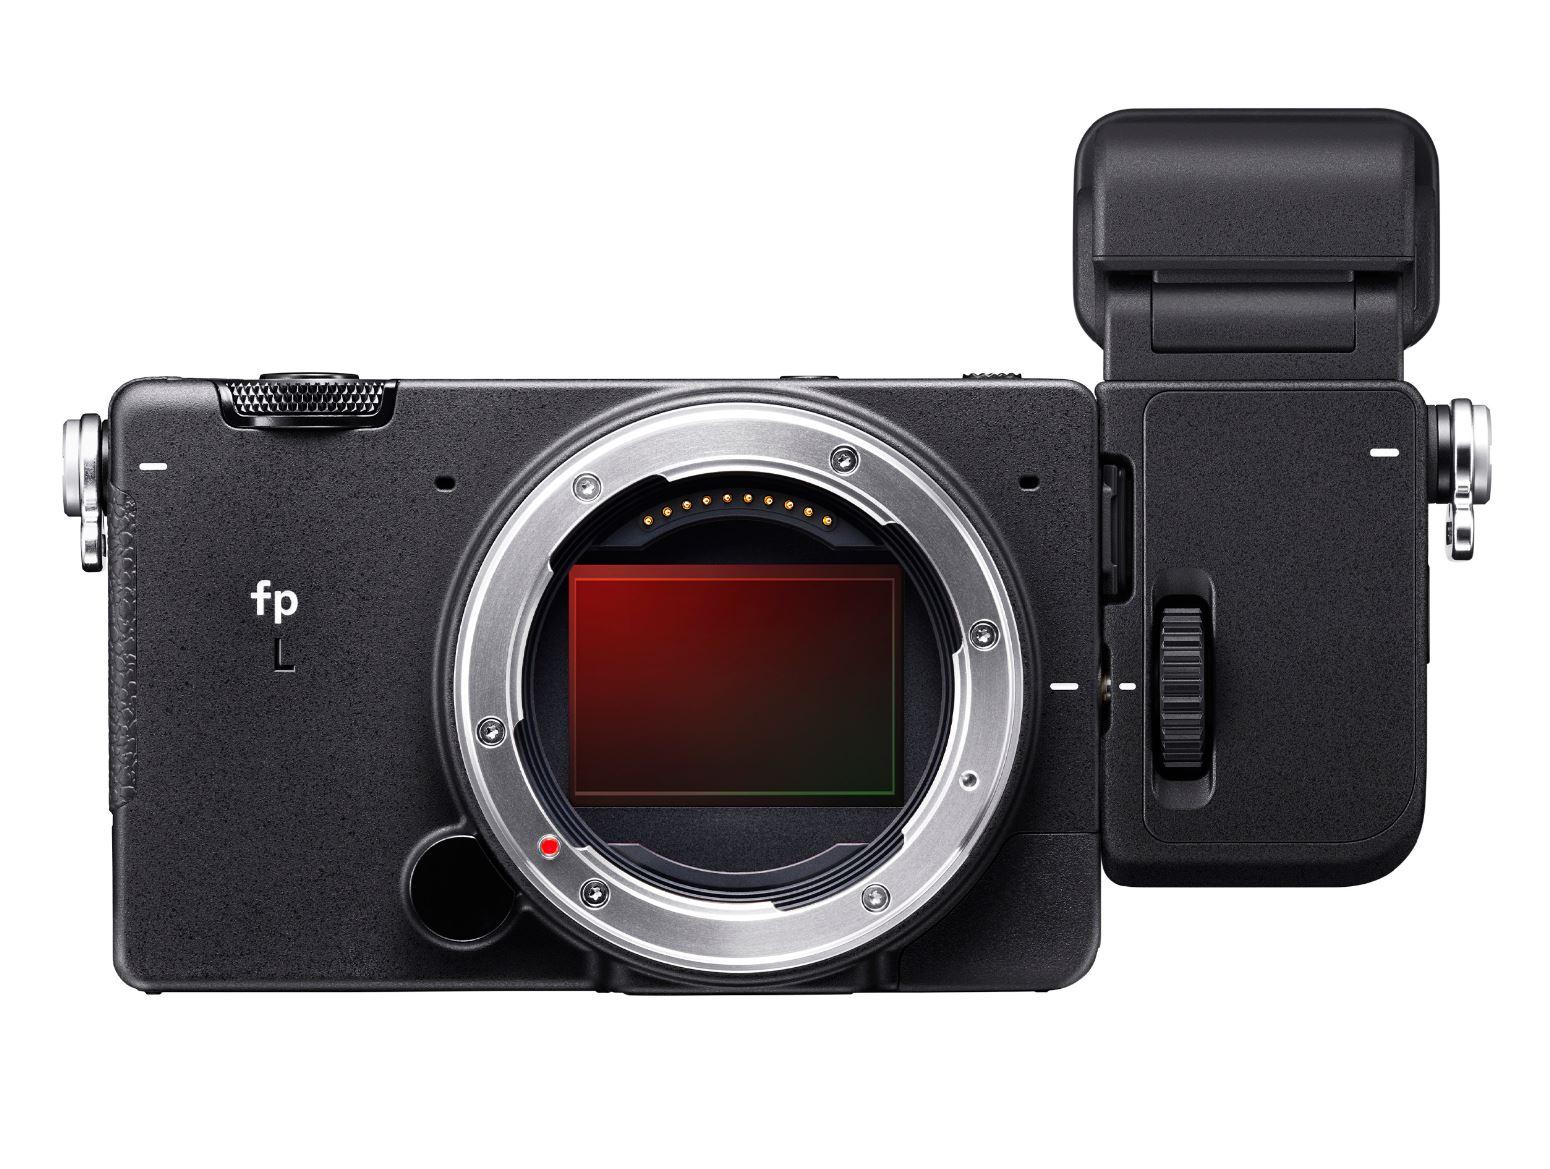 Sigma fp L с видоискателем EVF-11